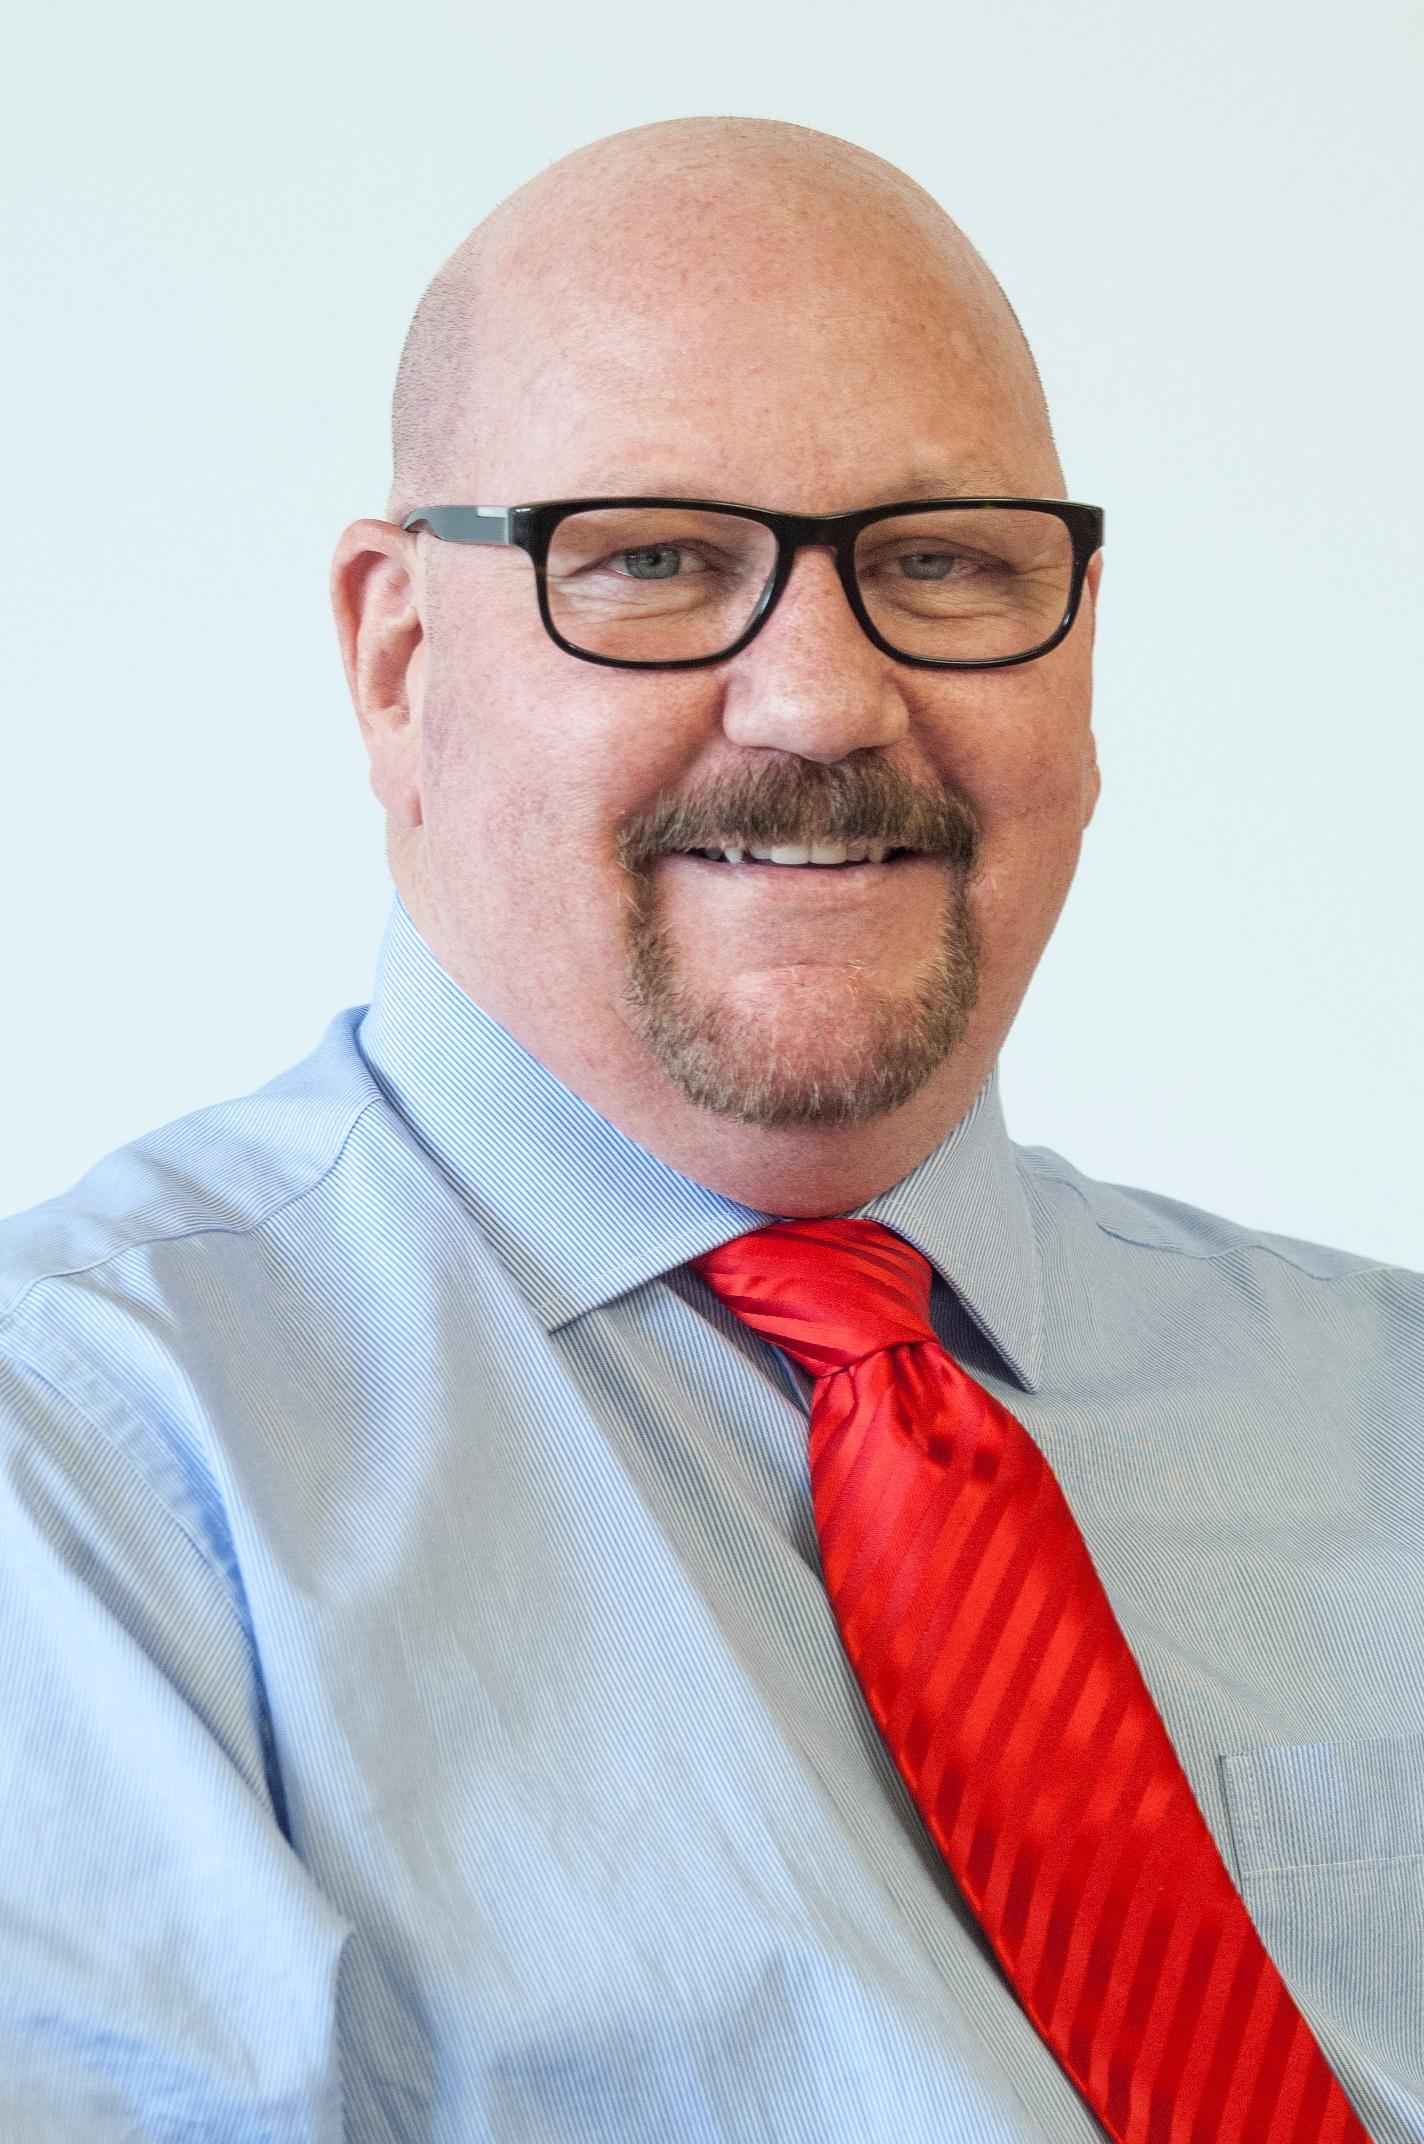 Kerry Cowan